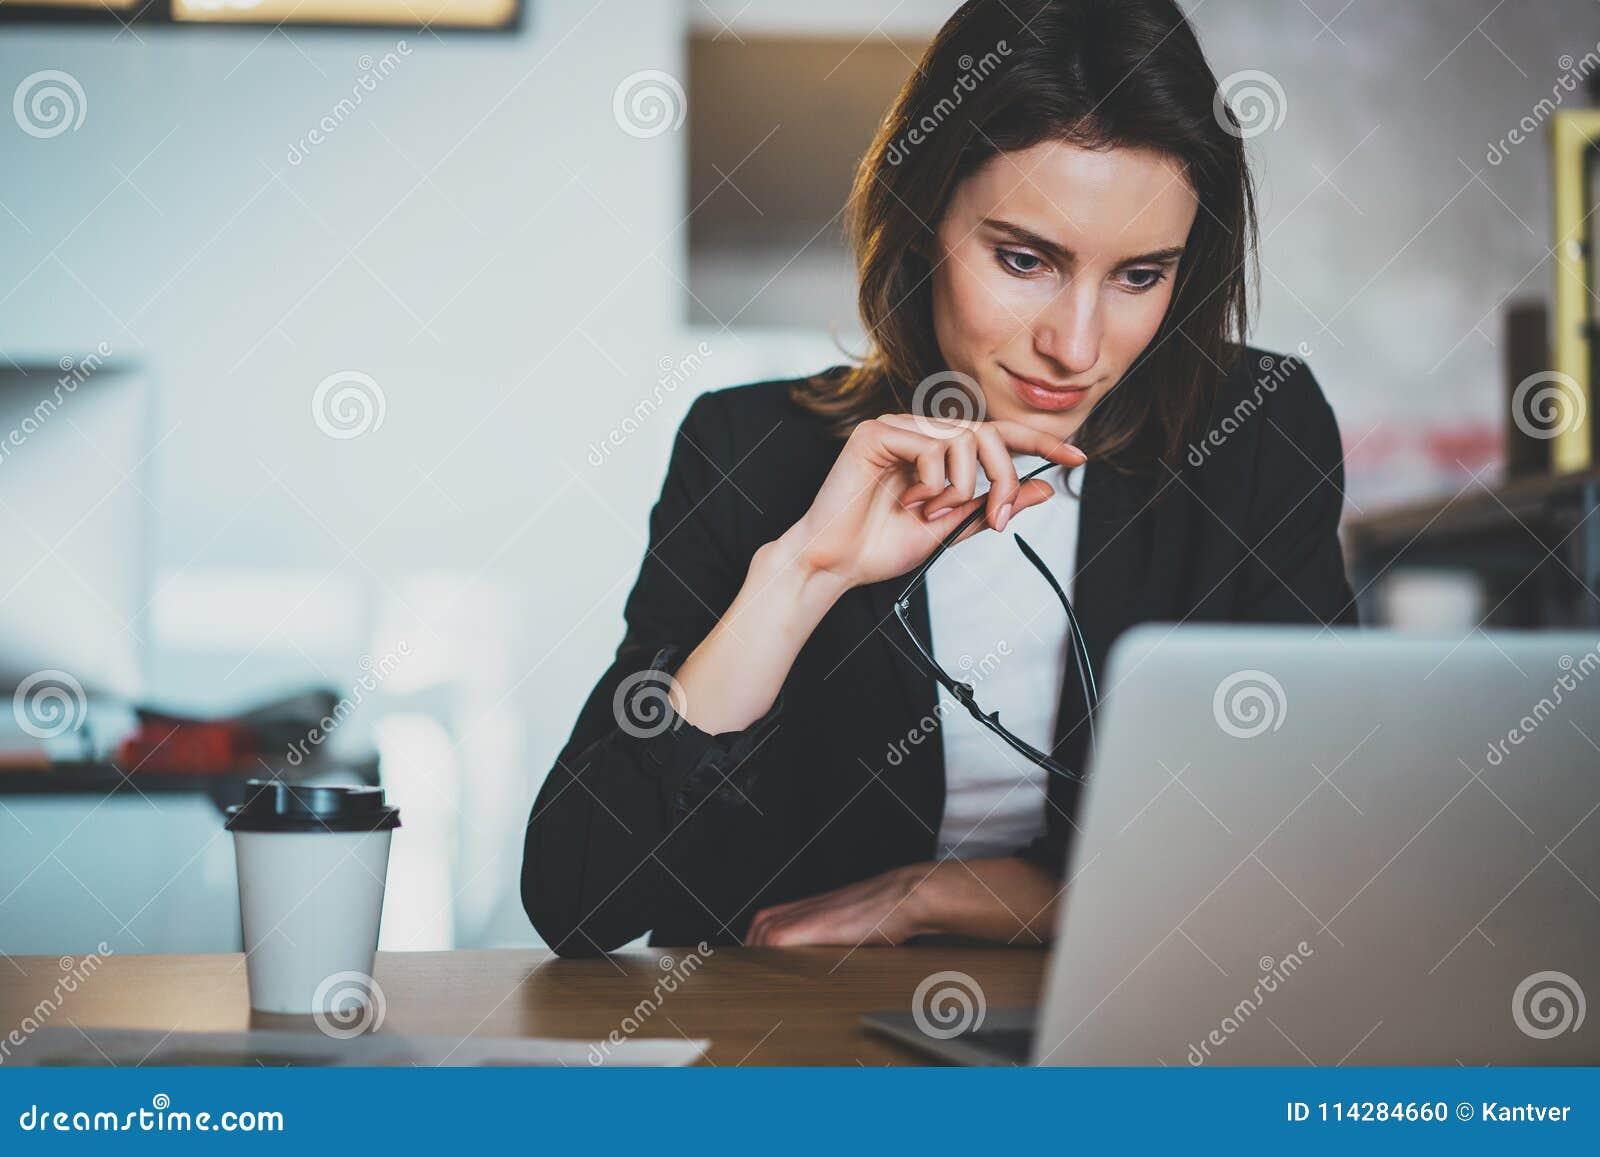 Χαμογελώντας όμορφη επιχειρηματίας που χρησιμοποιεί το φορητό προσωπικό υπολογιστή στο σύγχρονο γραφείο ανασκόπηση που θολώνεται